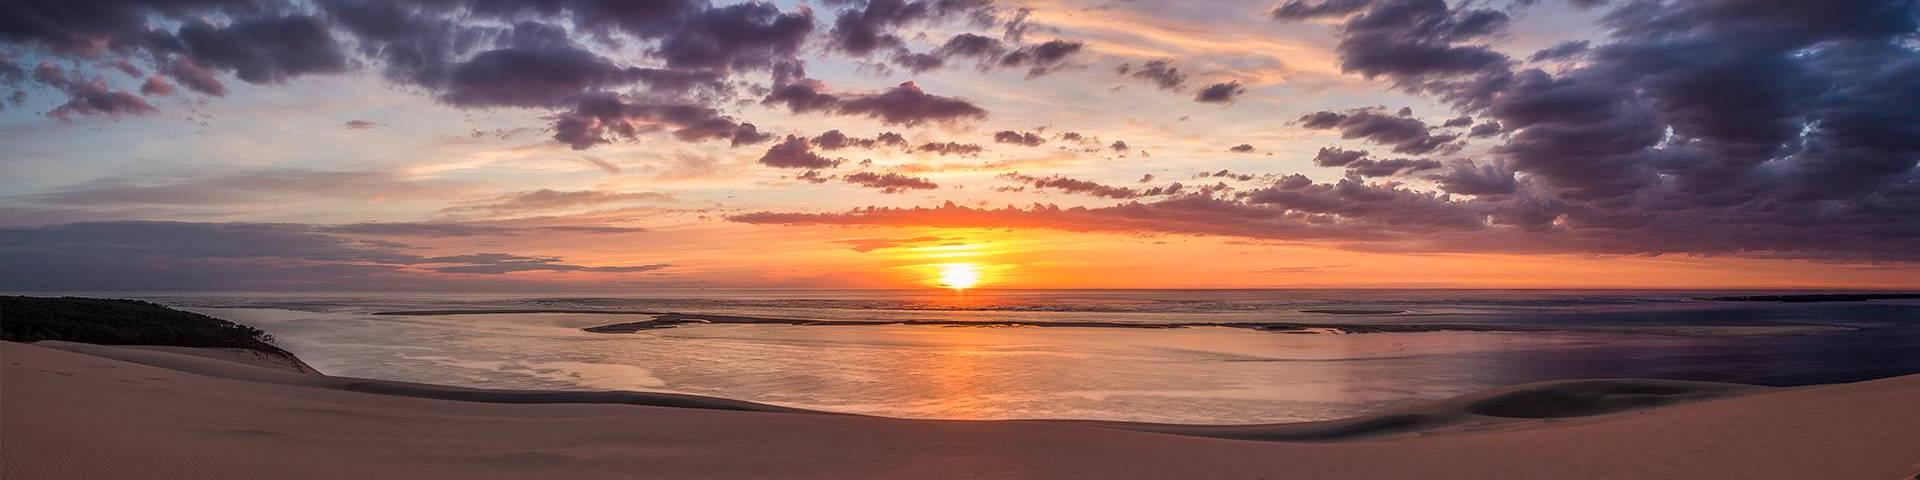 coucher soleil - dune du pilat